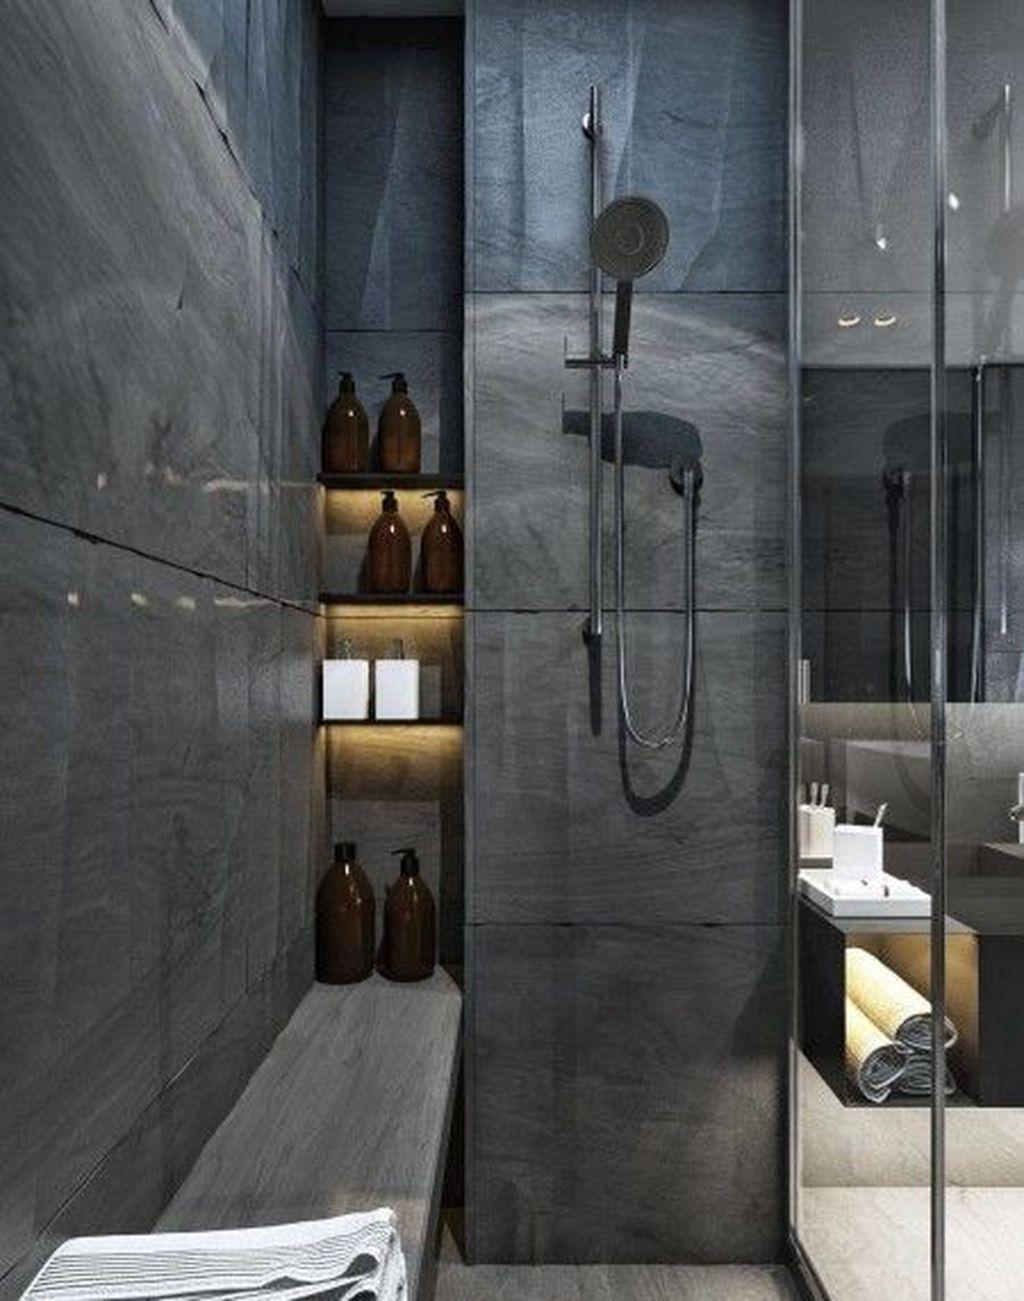 Awesome 36 Minimalist Bathroom Shower Design Ideas Bathroom Shower Design Contemporary Bathroom Tiles Elegant Bathroom